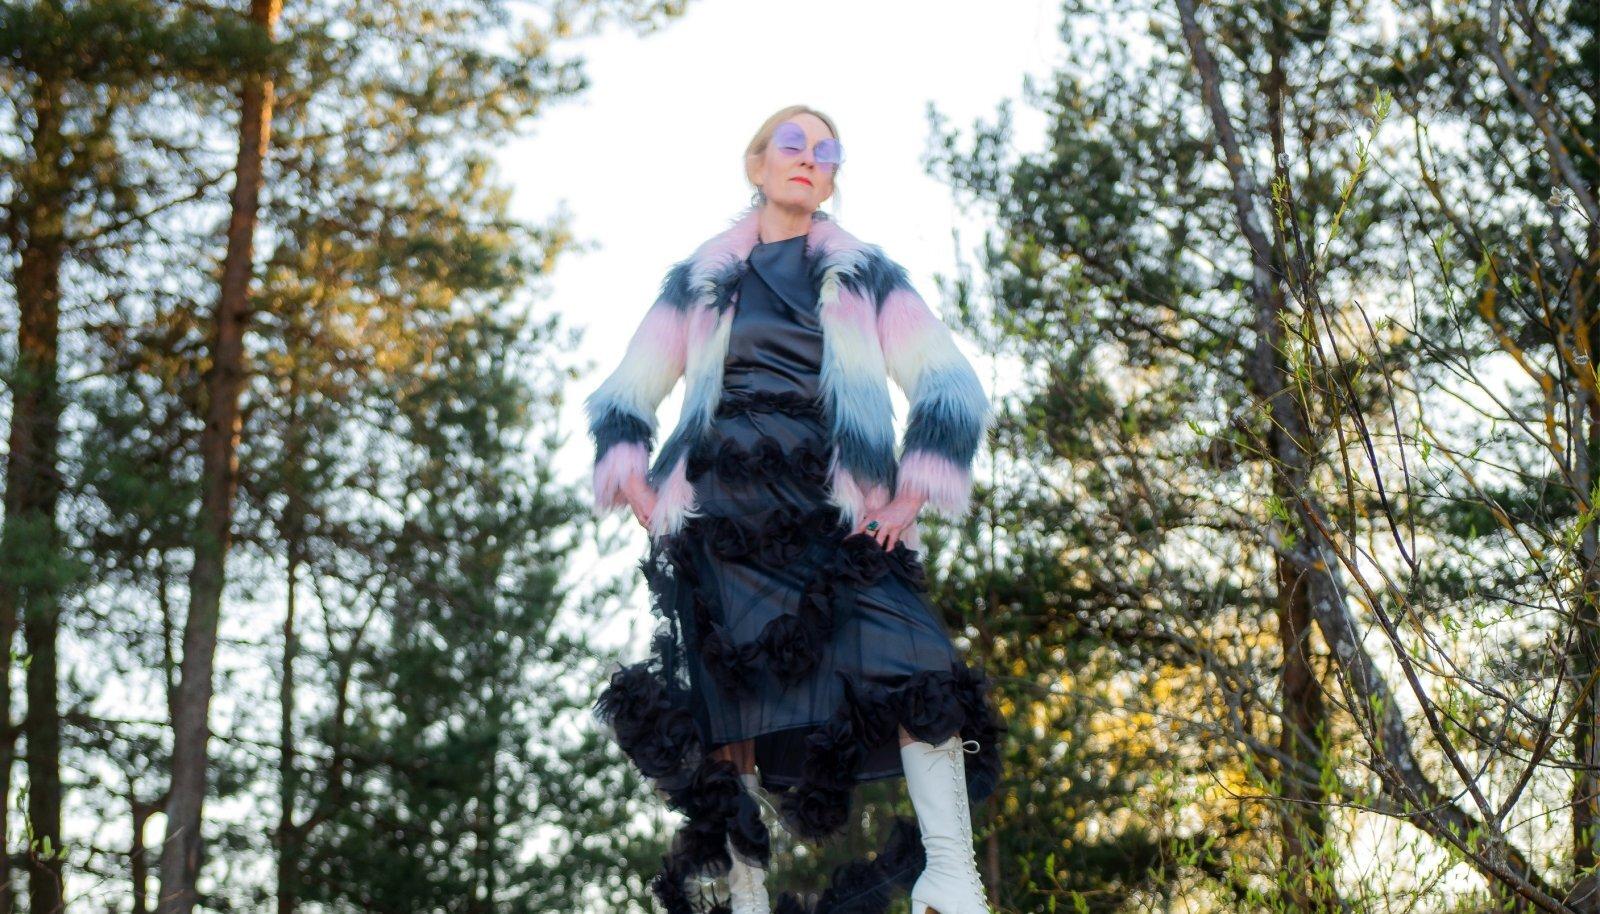 Ema õmmeldud kleit Fabergé balli jaoks, peal Londoni kirbuturult soetatud jakk. Prillid ostetud juba plikatirtsuna 70ndate lõpus, hinnaks poolteist rubla.